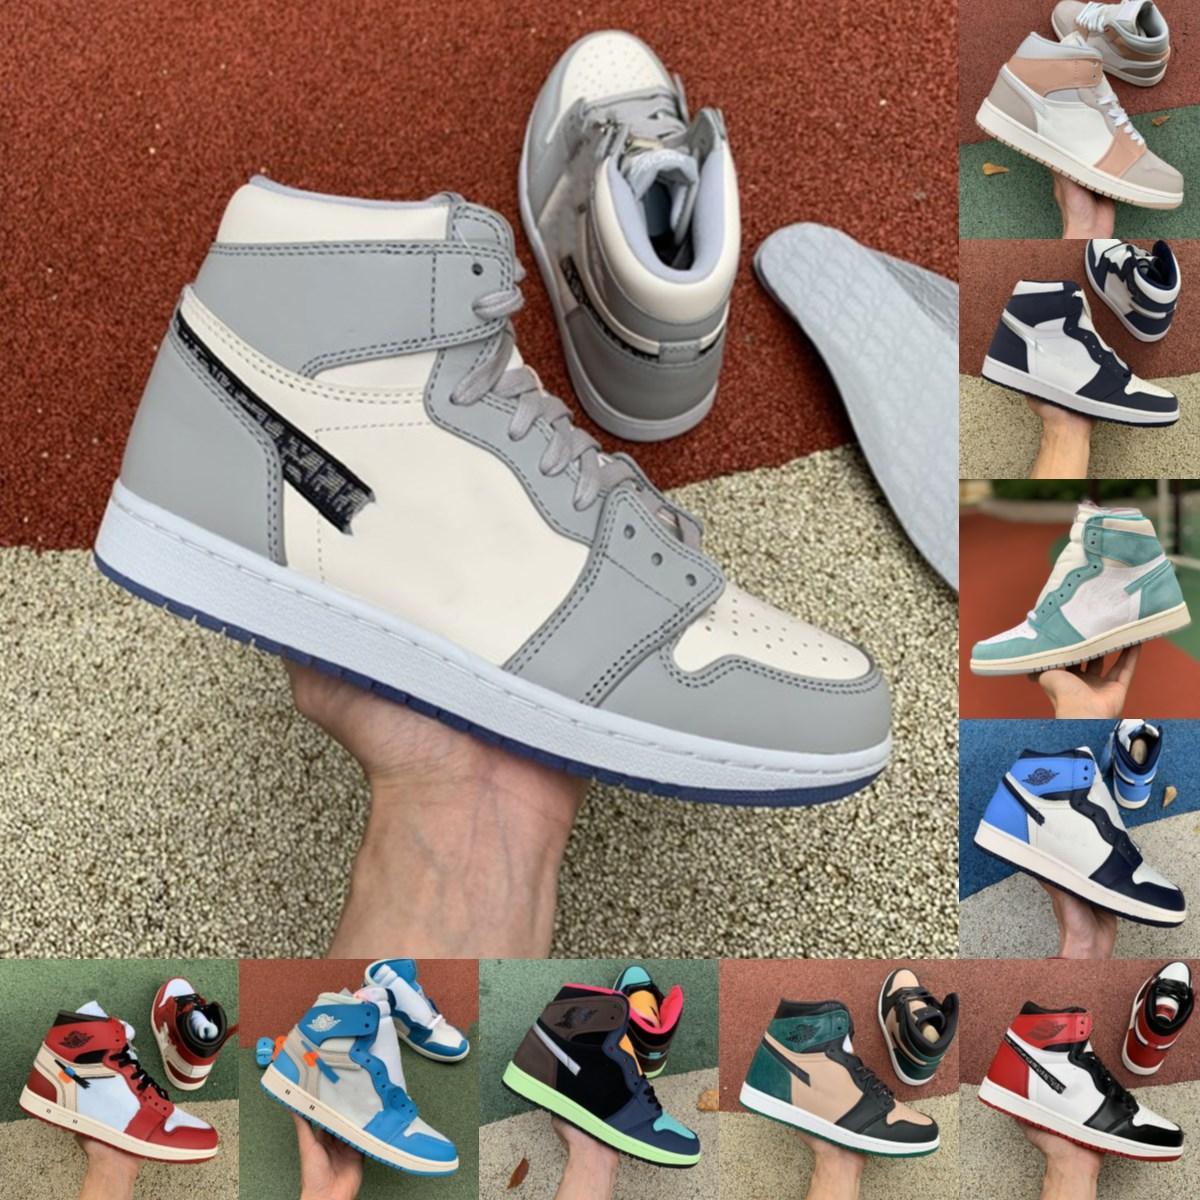 2021 New Bio Hack Travis Scotts Pine Green 1S Jumpman 1 Мужские Женские Баскетбольные Обувь Суд Фиолетовый Обсидиан Дым Дым ЮНС Спортивный Открытый Обувь